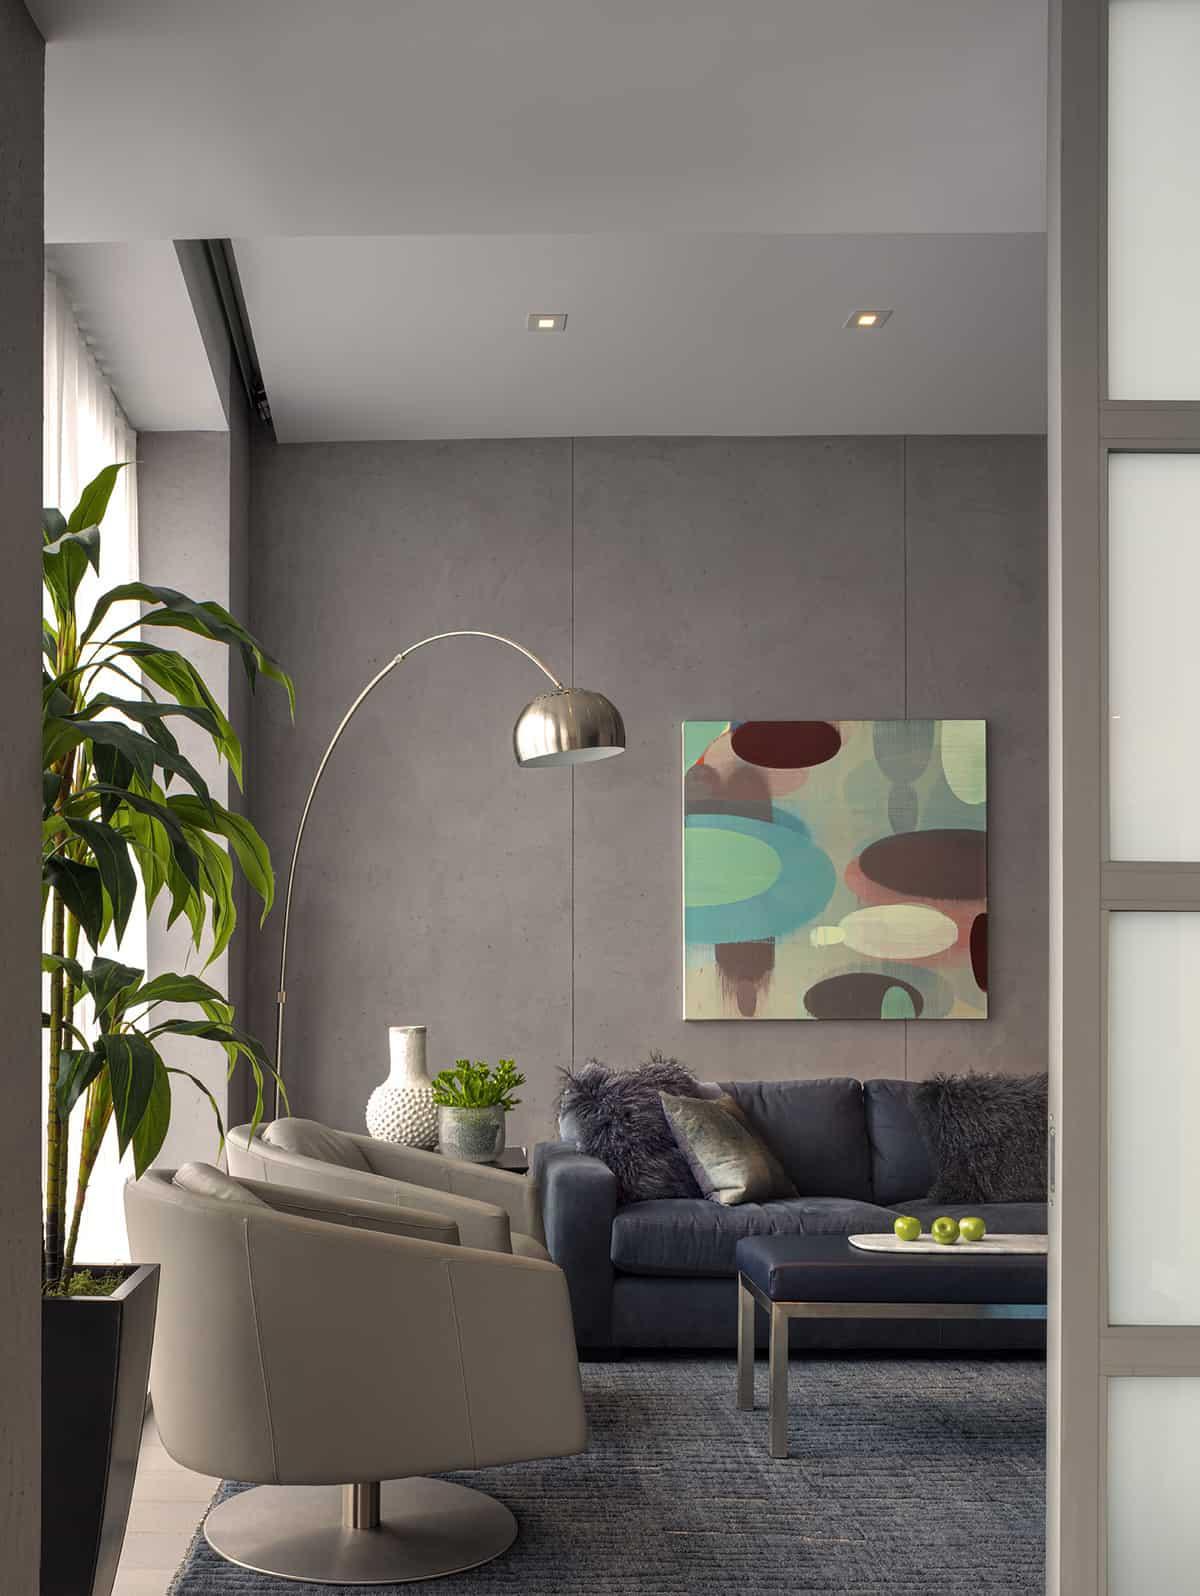 moderna-potkrovlje-dnevna soba